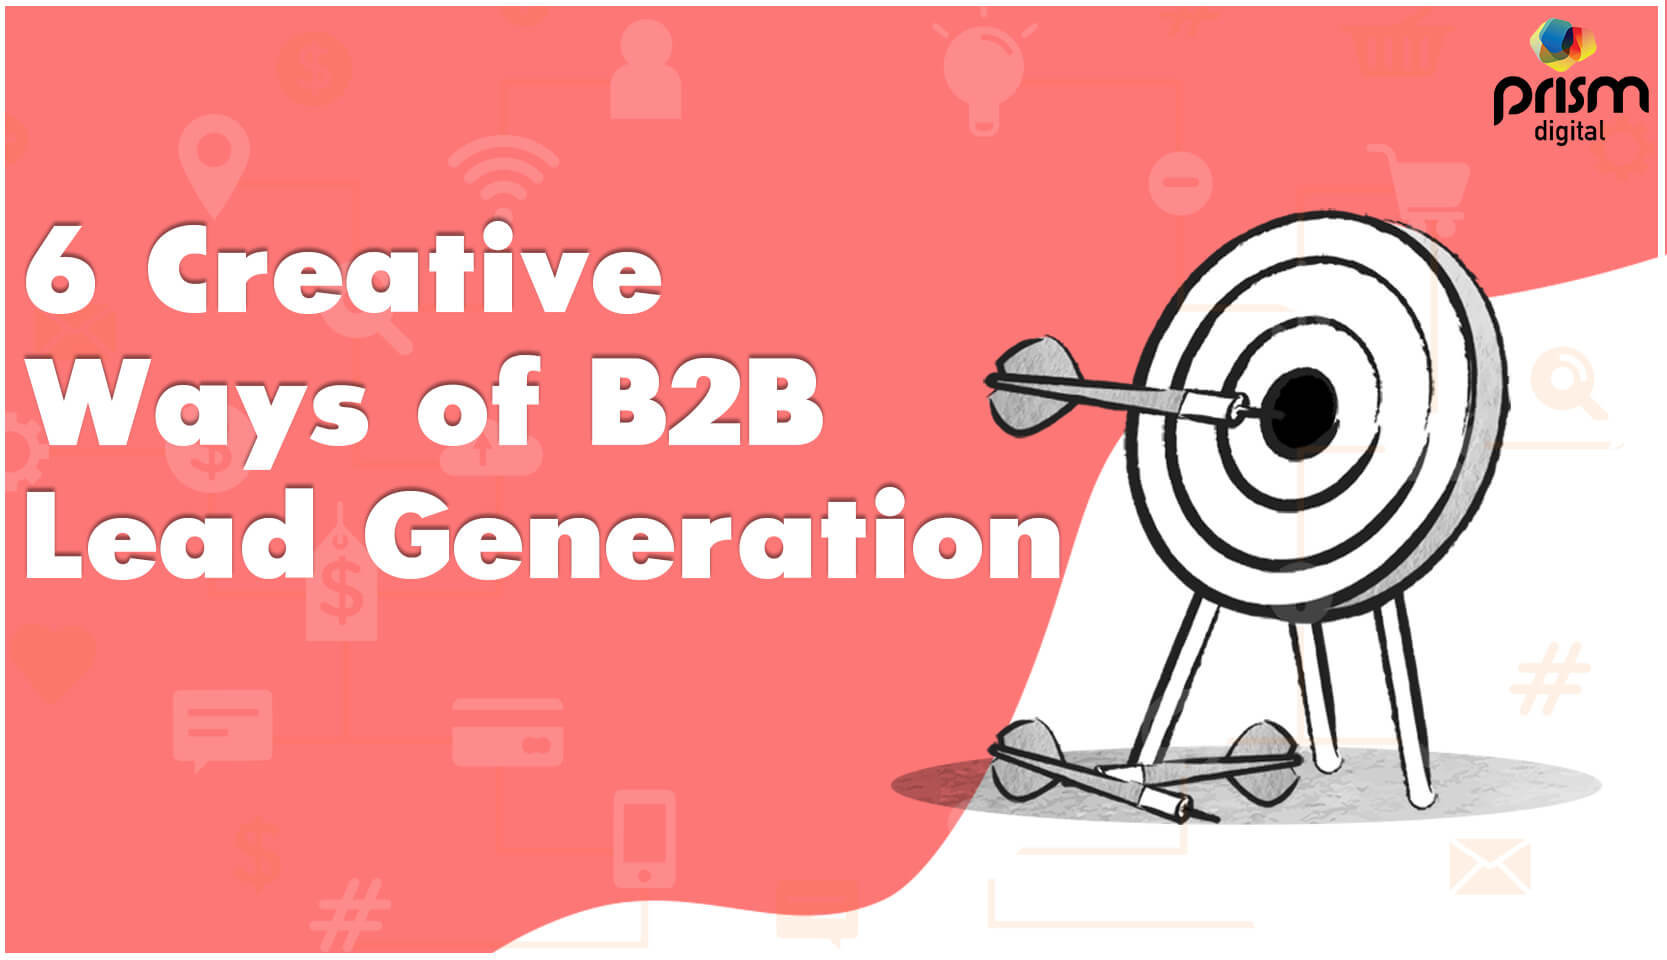 6 Creative Ways of B2B Lead Generation